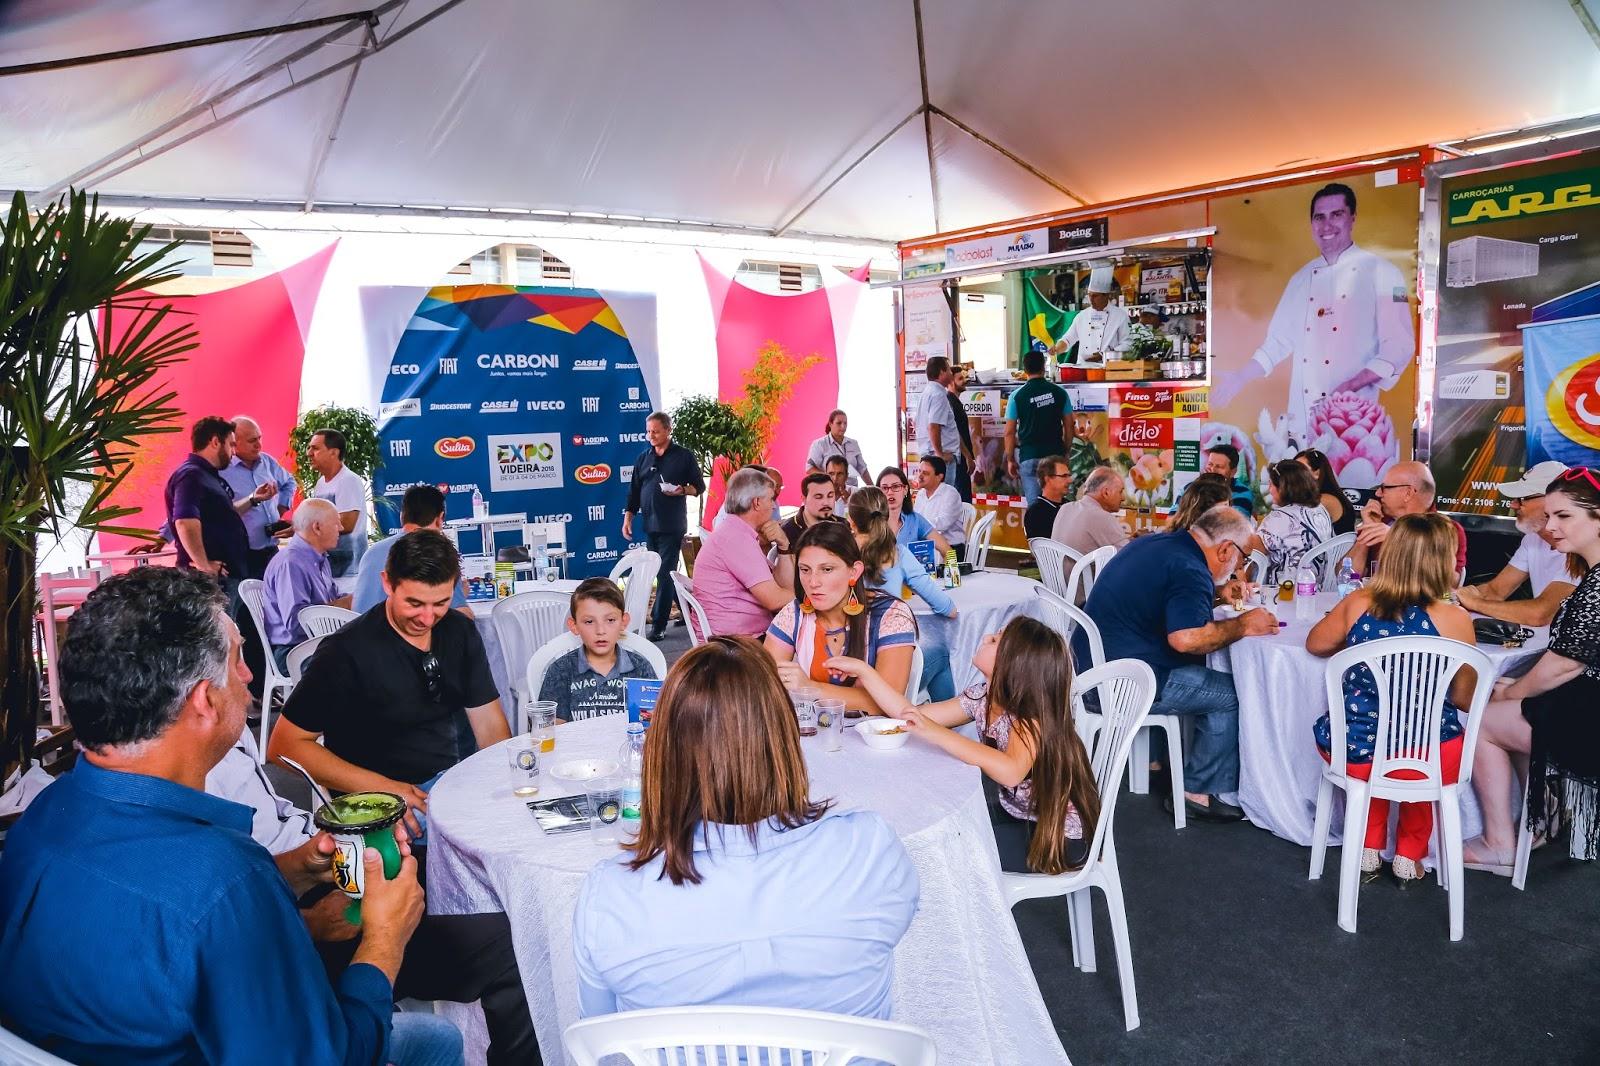 Carboni comercializa mais de 50 produtos na Expo Videira 2018 IMG 5334